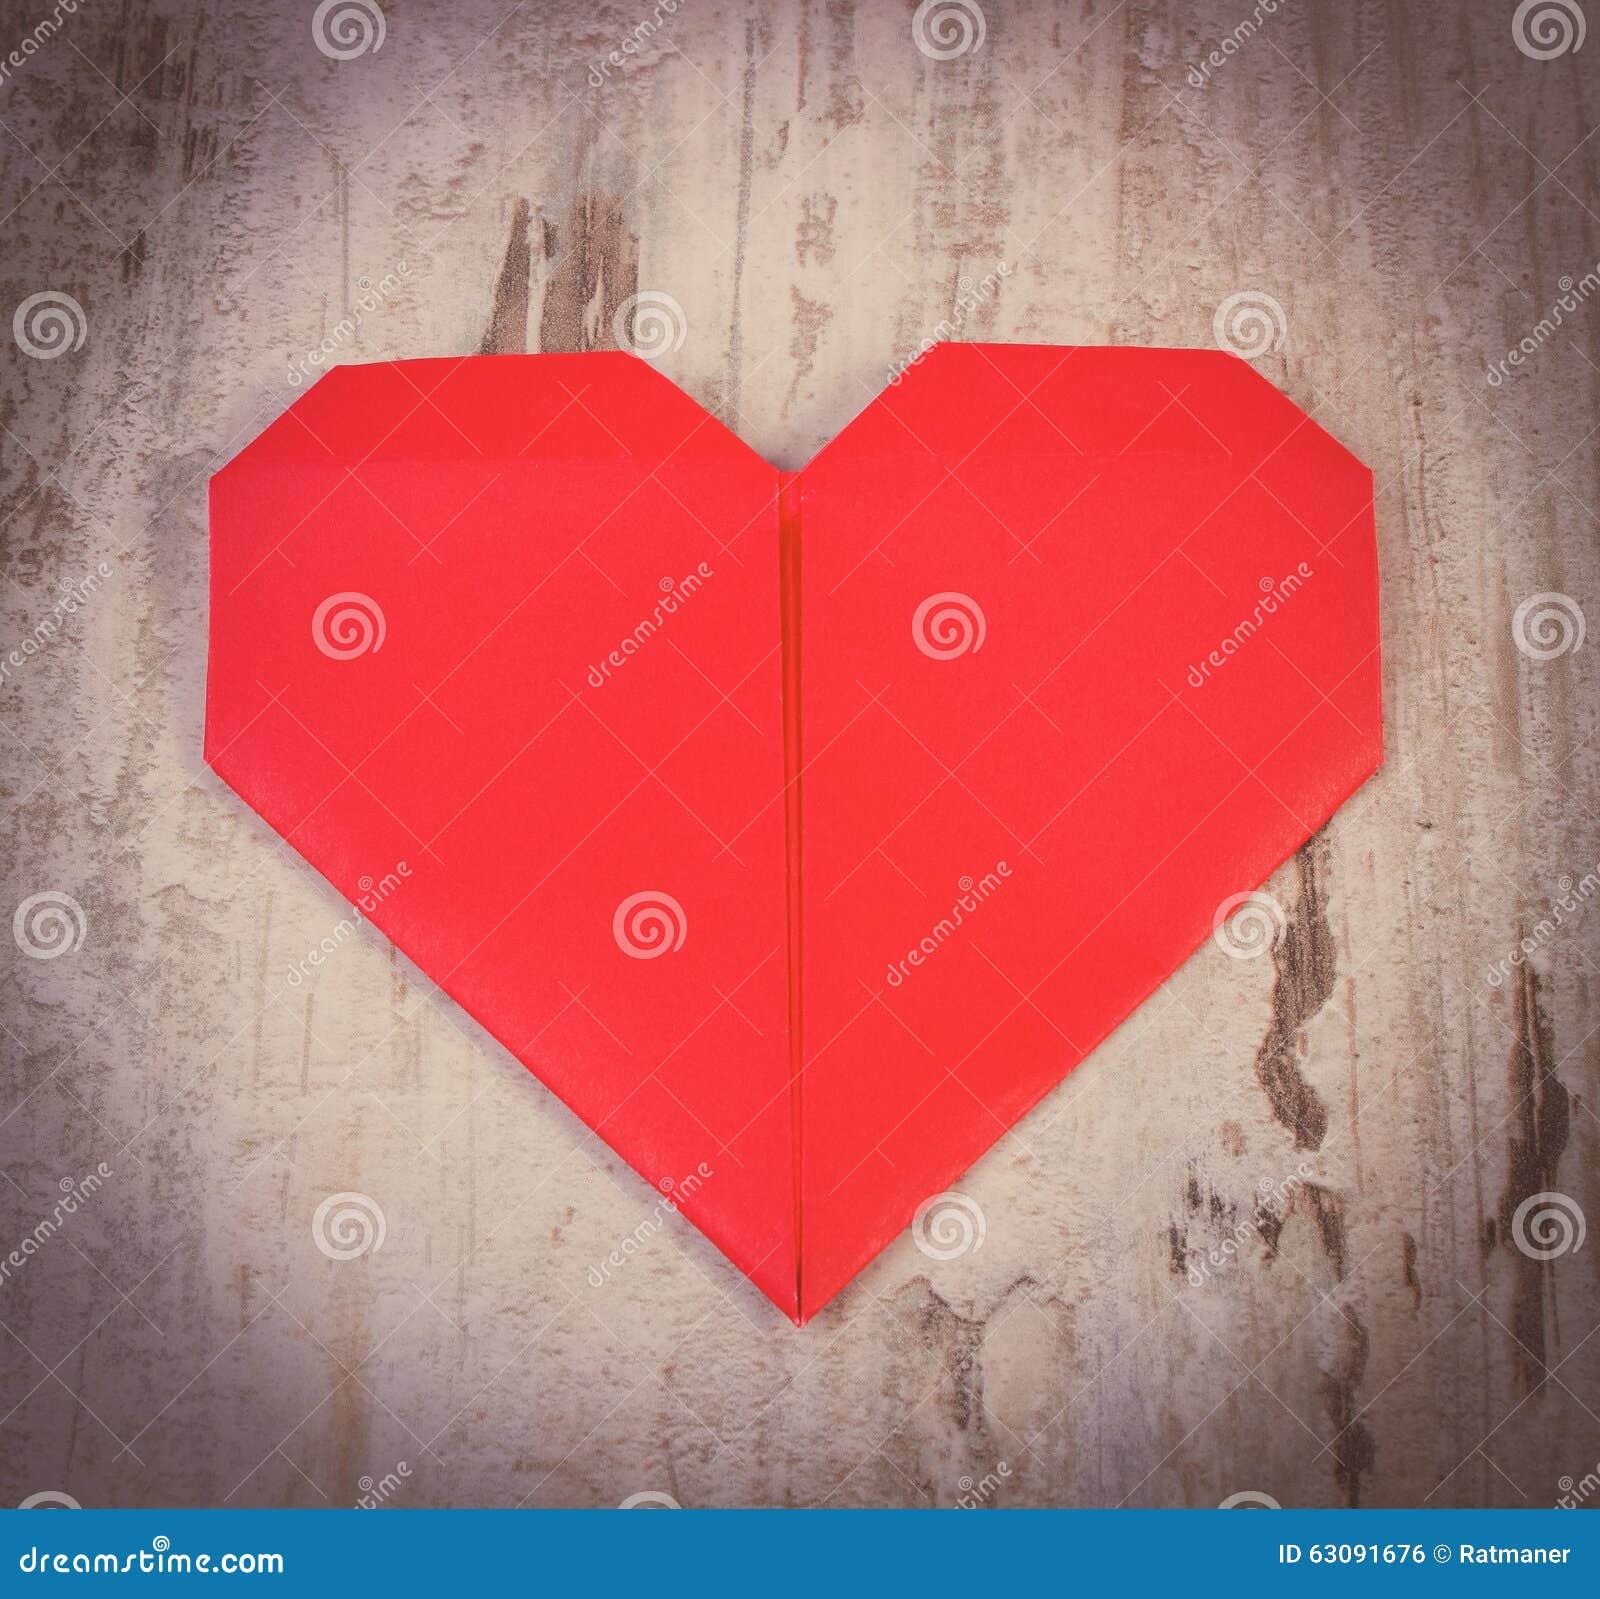 Download Photo De Vintage, Coeur Rouge De Papier Sur La Vieille Table Blanche En Bois, Symbole De L'amour Photo stock - Image du célébration, décoration: 63091676